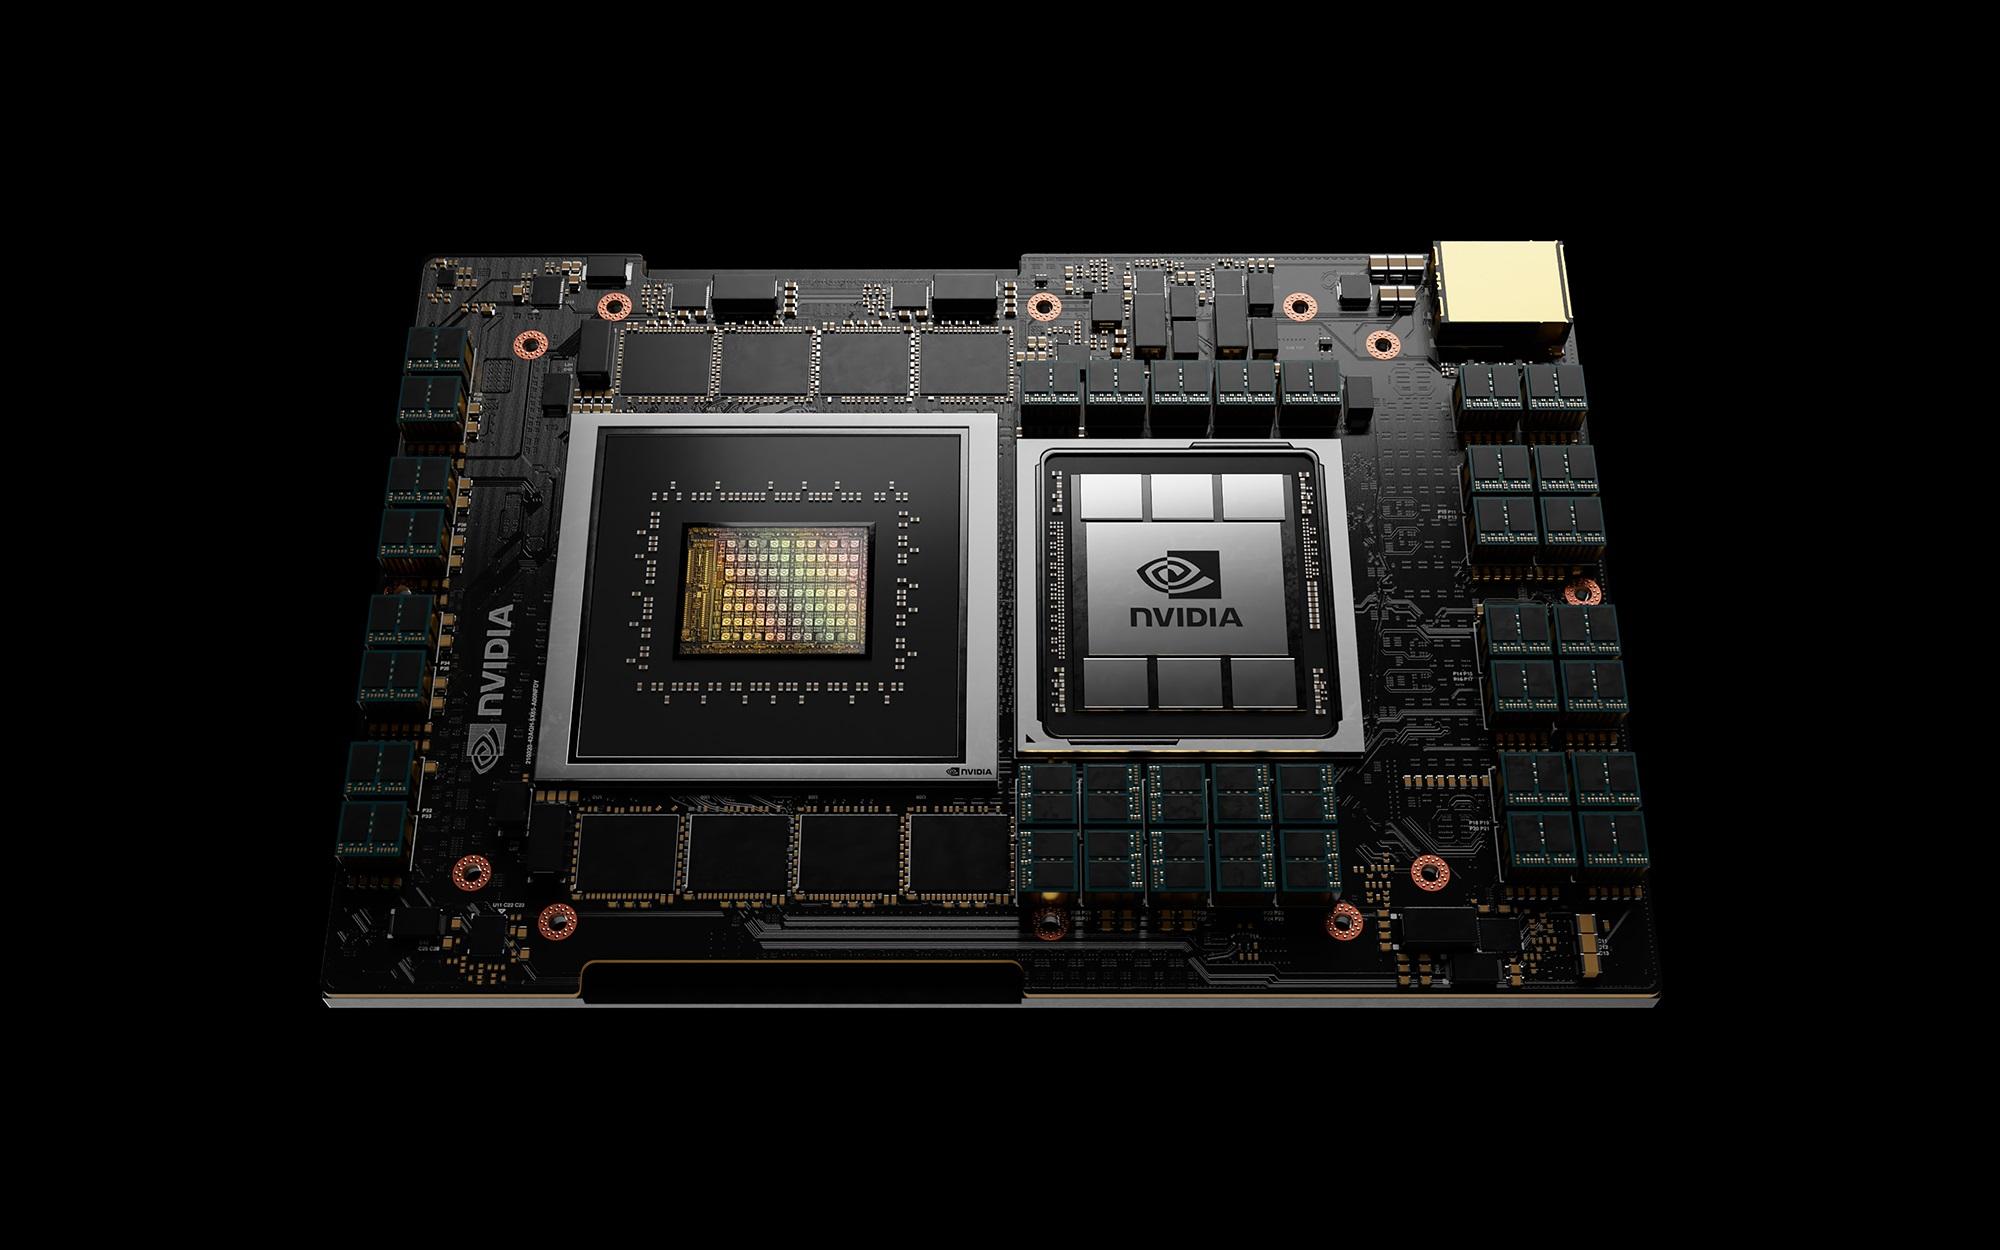 Когда выйдут видеокарты Nvidia GeForce RTX 4000? Надежный инсайдер поделился новыми подробностями